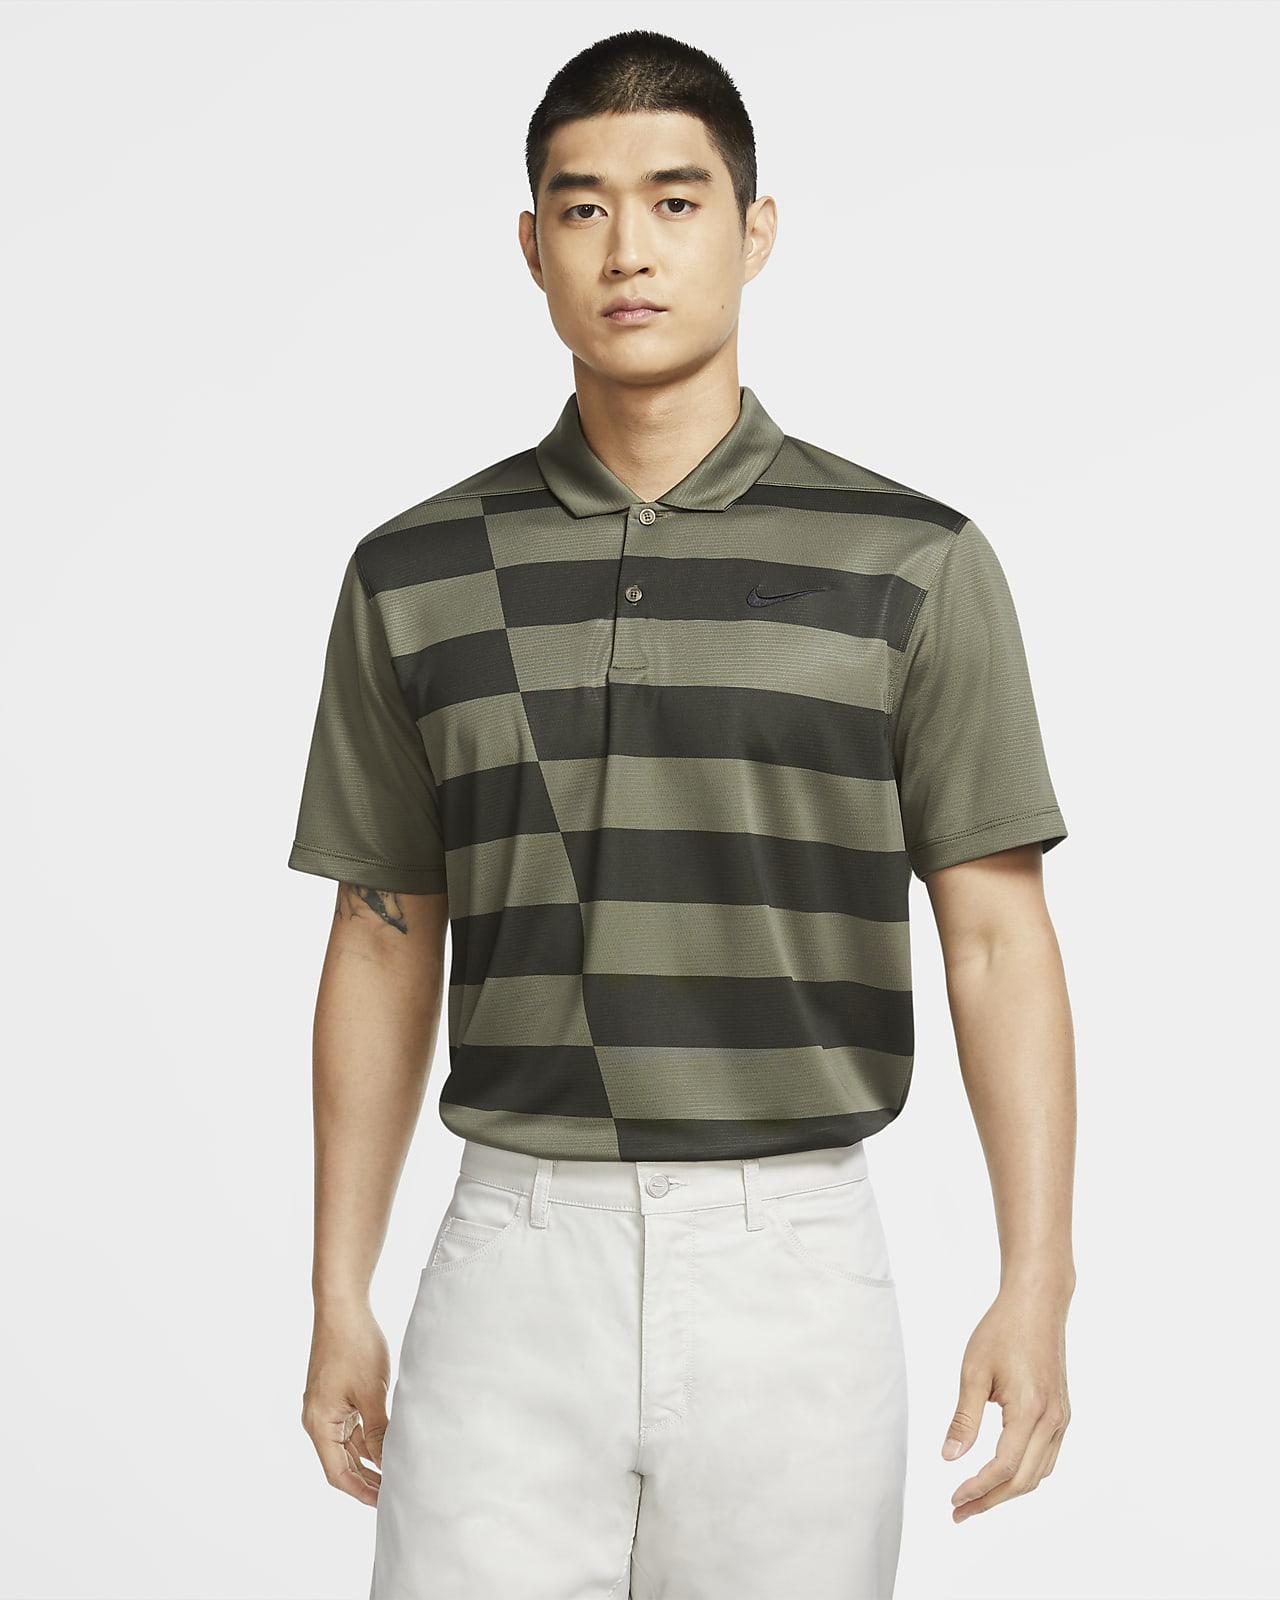 Nike Dri-FIT Men's Graphic Golf Polo